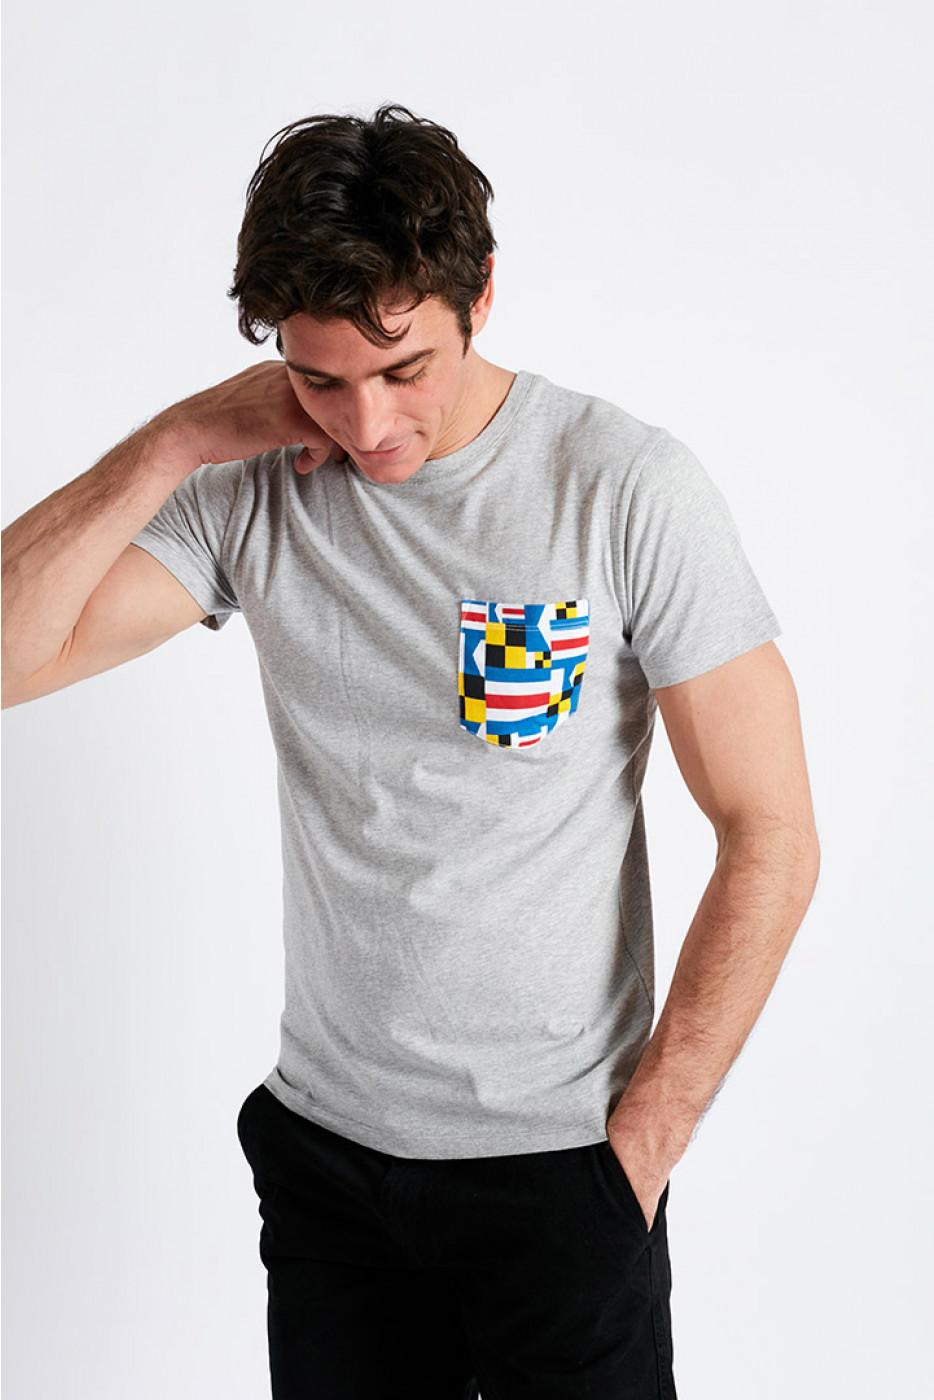 T-shirt manches courtes gris Poche motif pavillon multicolore TSMC PAVILLONCALA